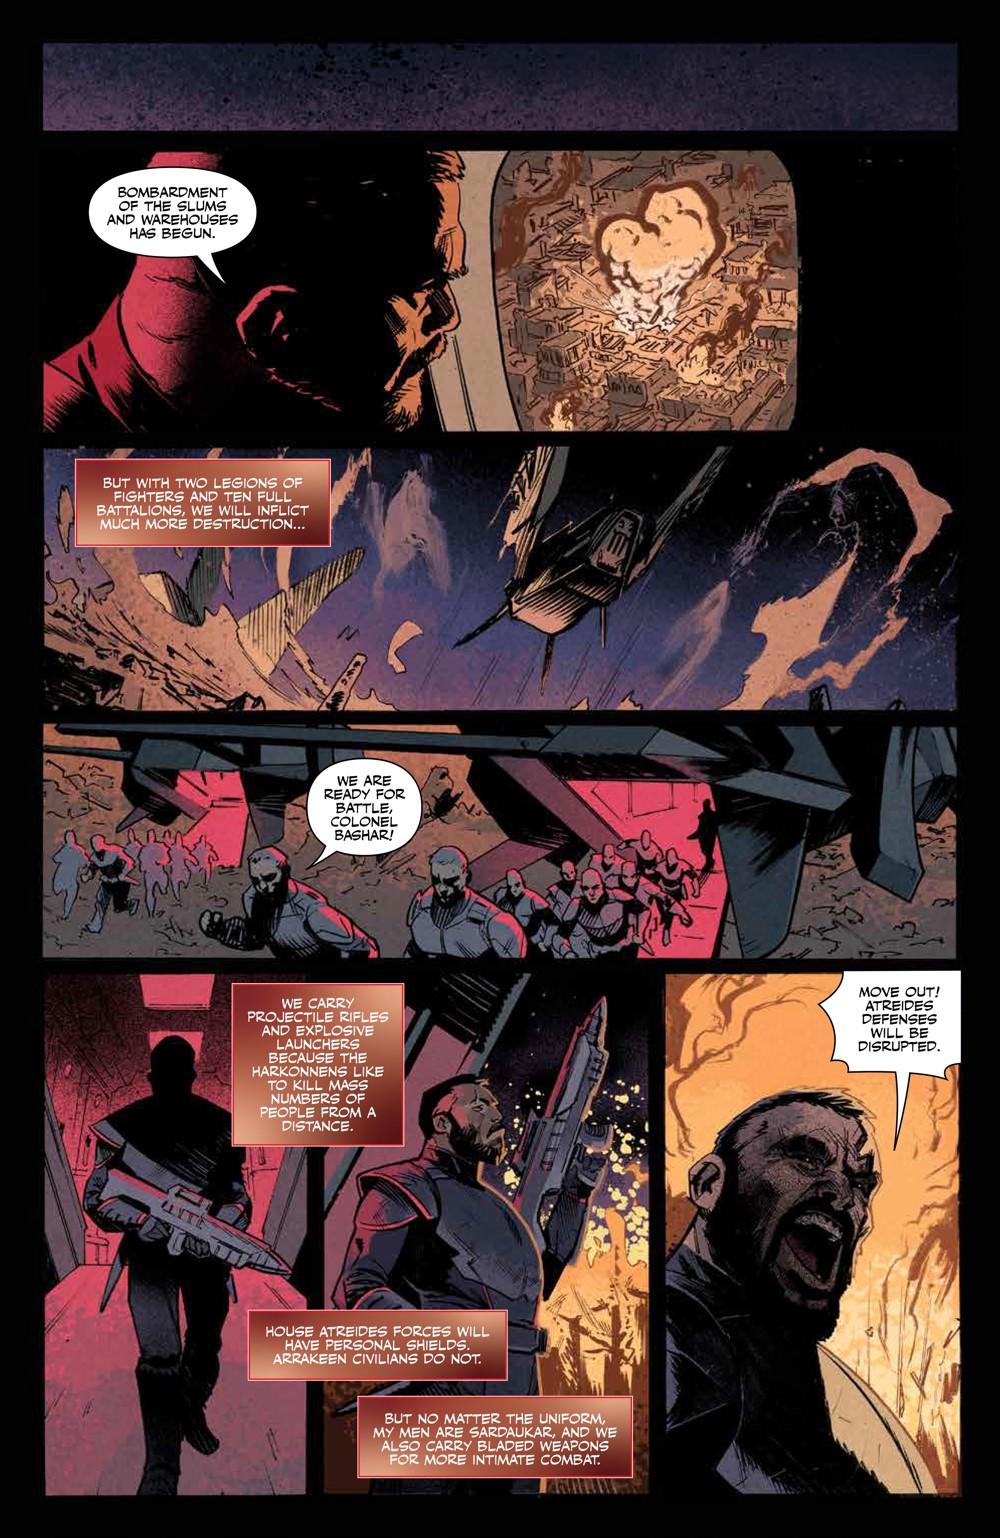 Dune_BloodSardaukar_001_PRESS_5 ComicList Previews: DUNE BLOOD OF THE SARDAUKAR #1